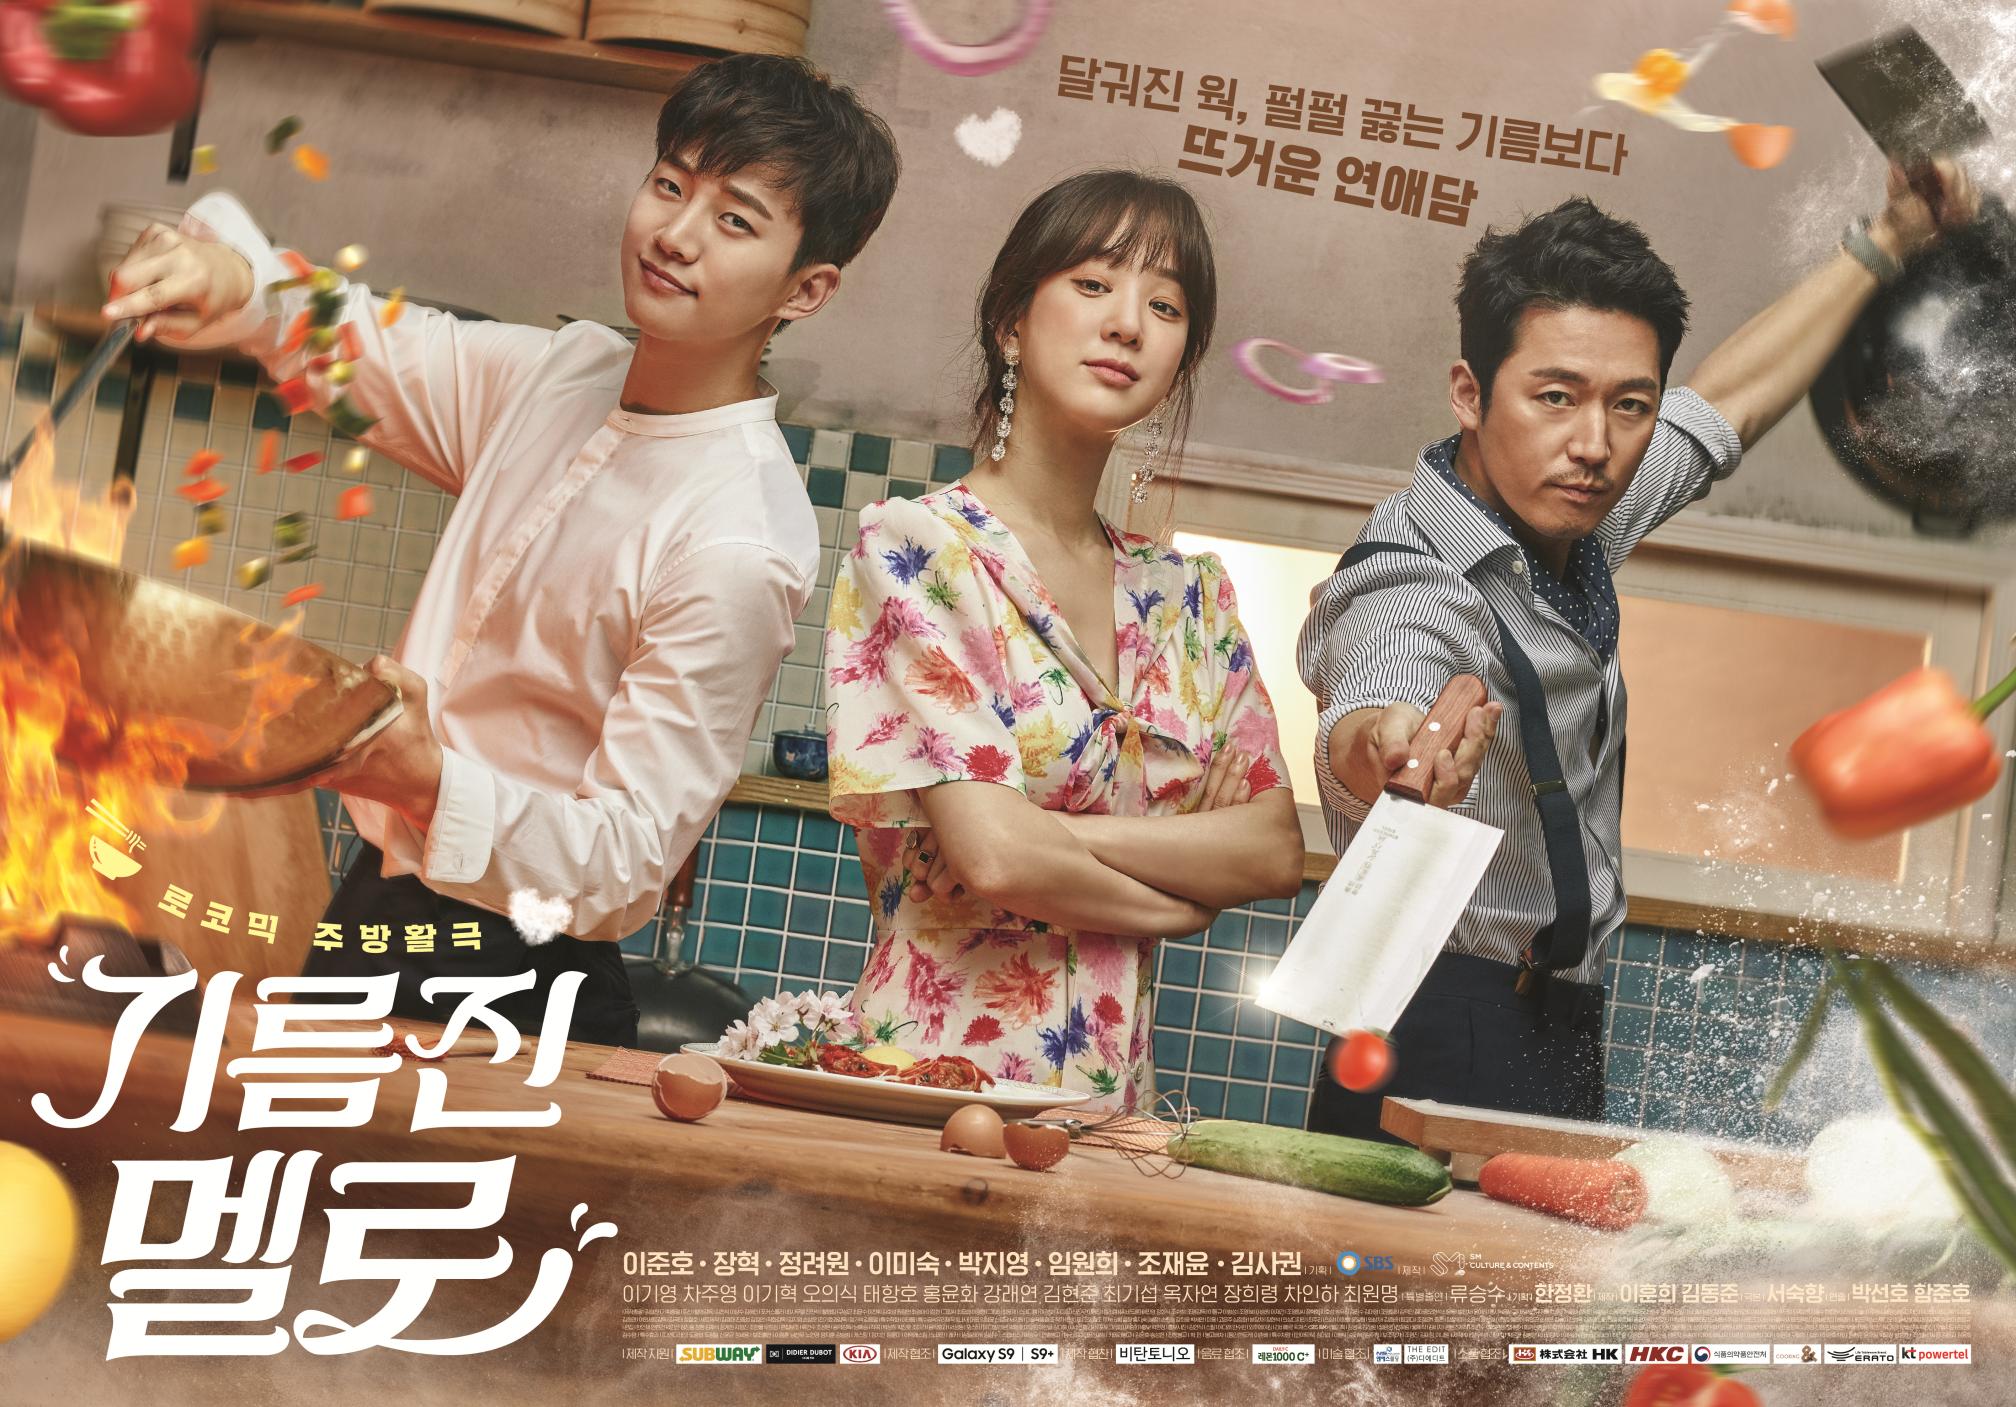 سریال کره ای تابه ی عشق